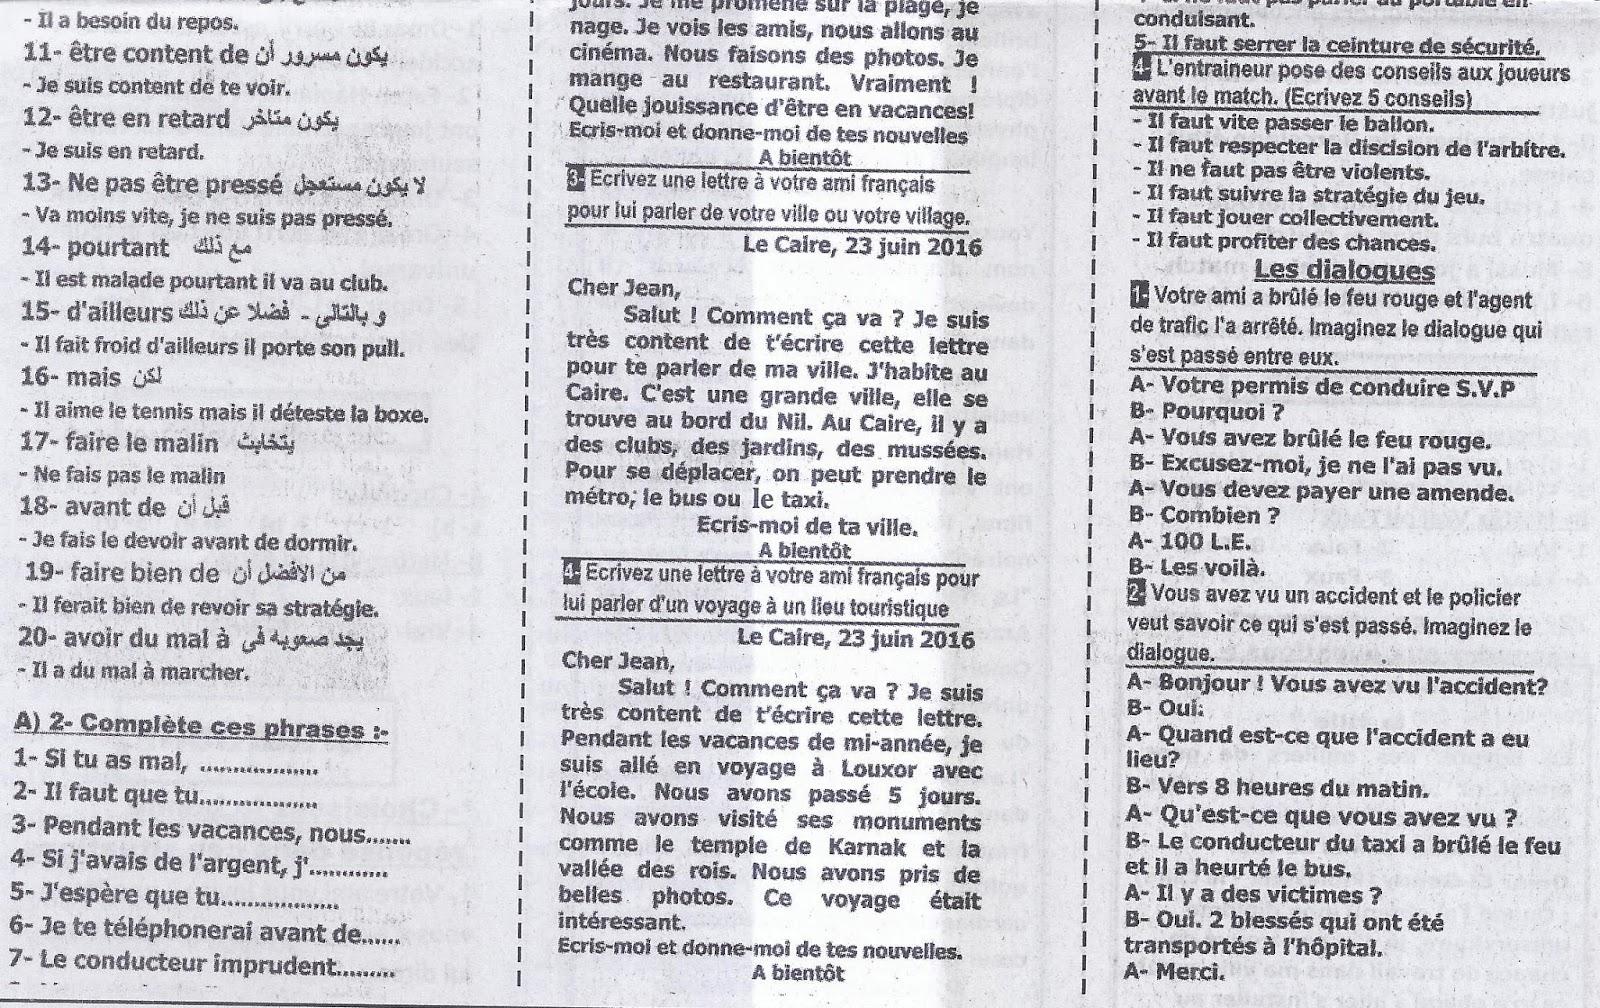 أهم أسئلة اللغة الفرنسية المتوقعة لامتحان الثانوية العامة 2016 بالاجابات  11